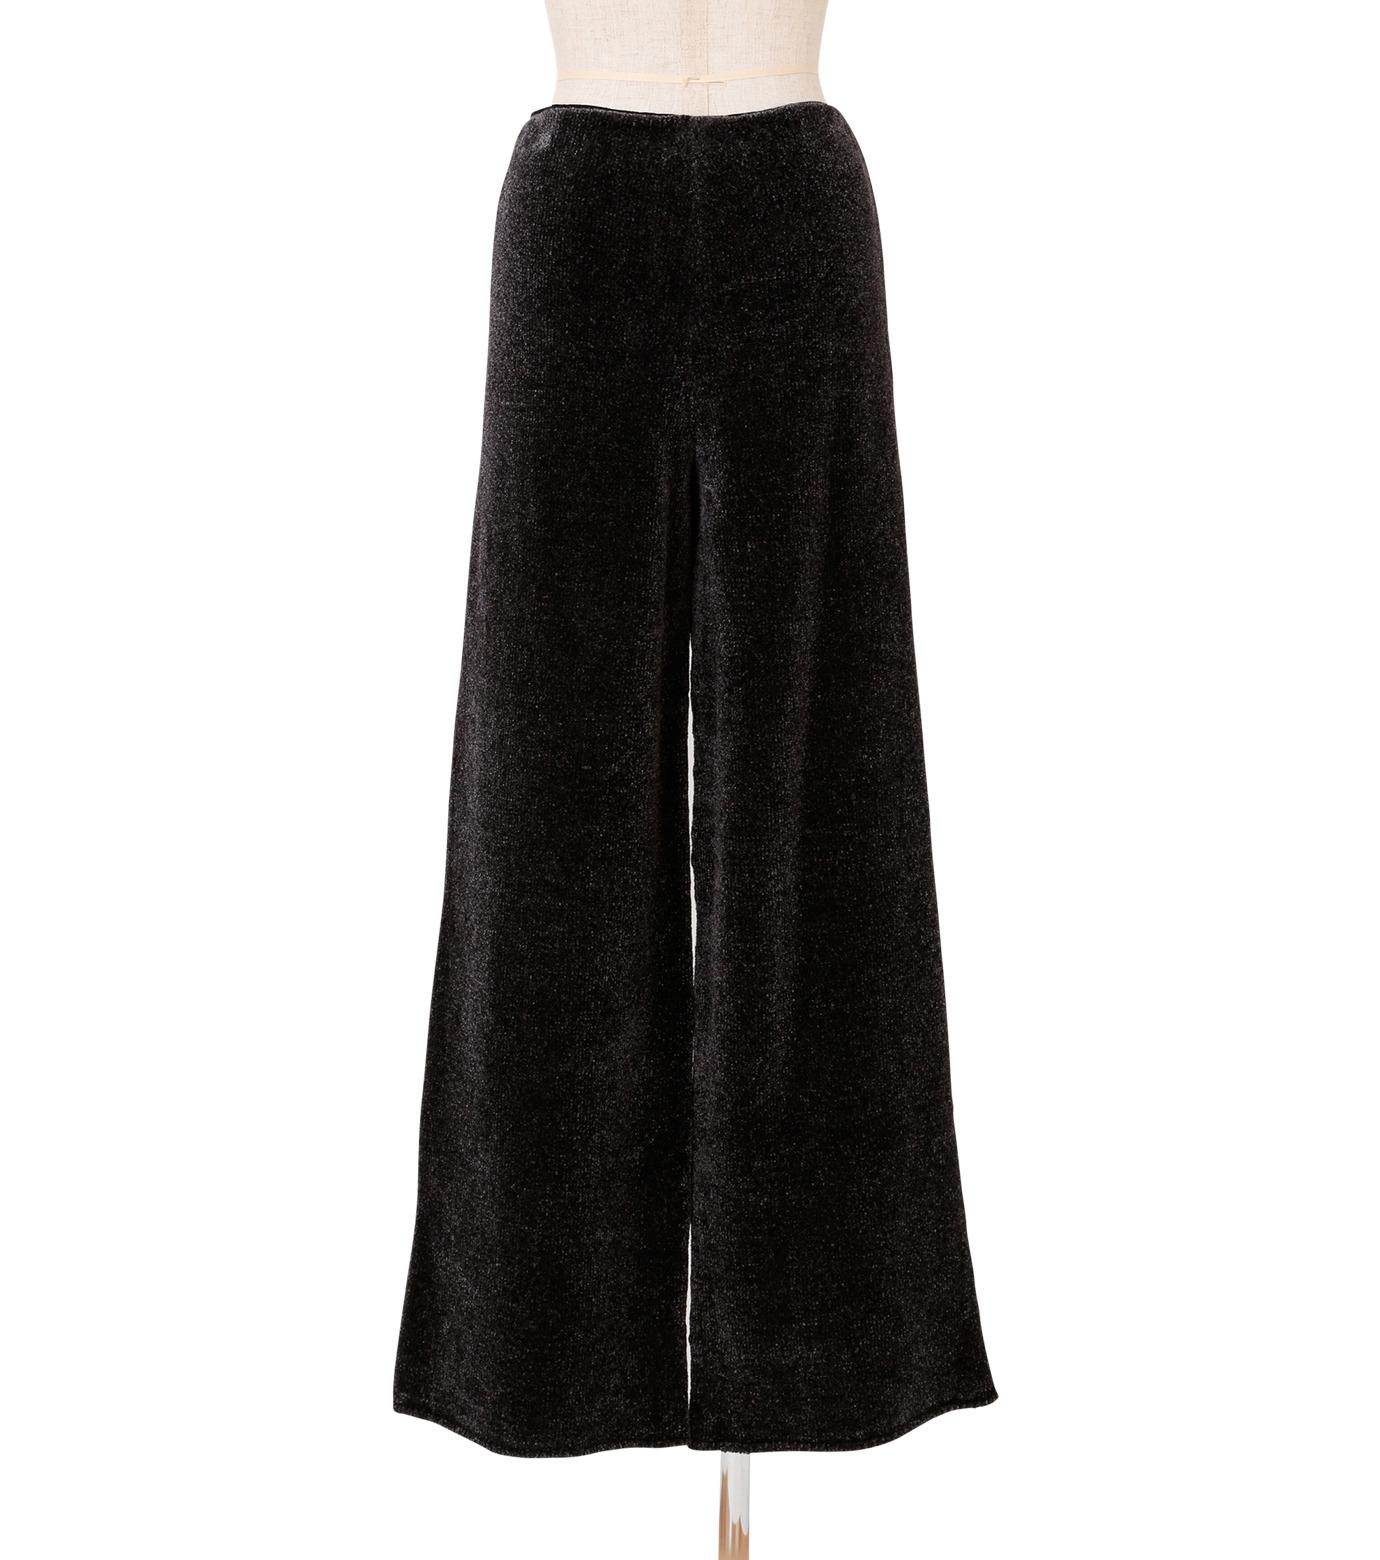 IRENE(アイレネ)のシルクワイドパンツ-CHARCHOL GRAY(パンツ/pants)-18A88004 拡大詳細画像3